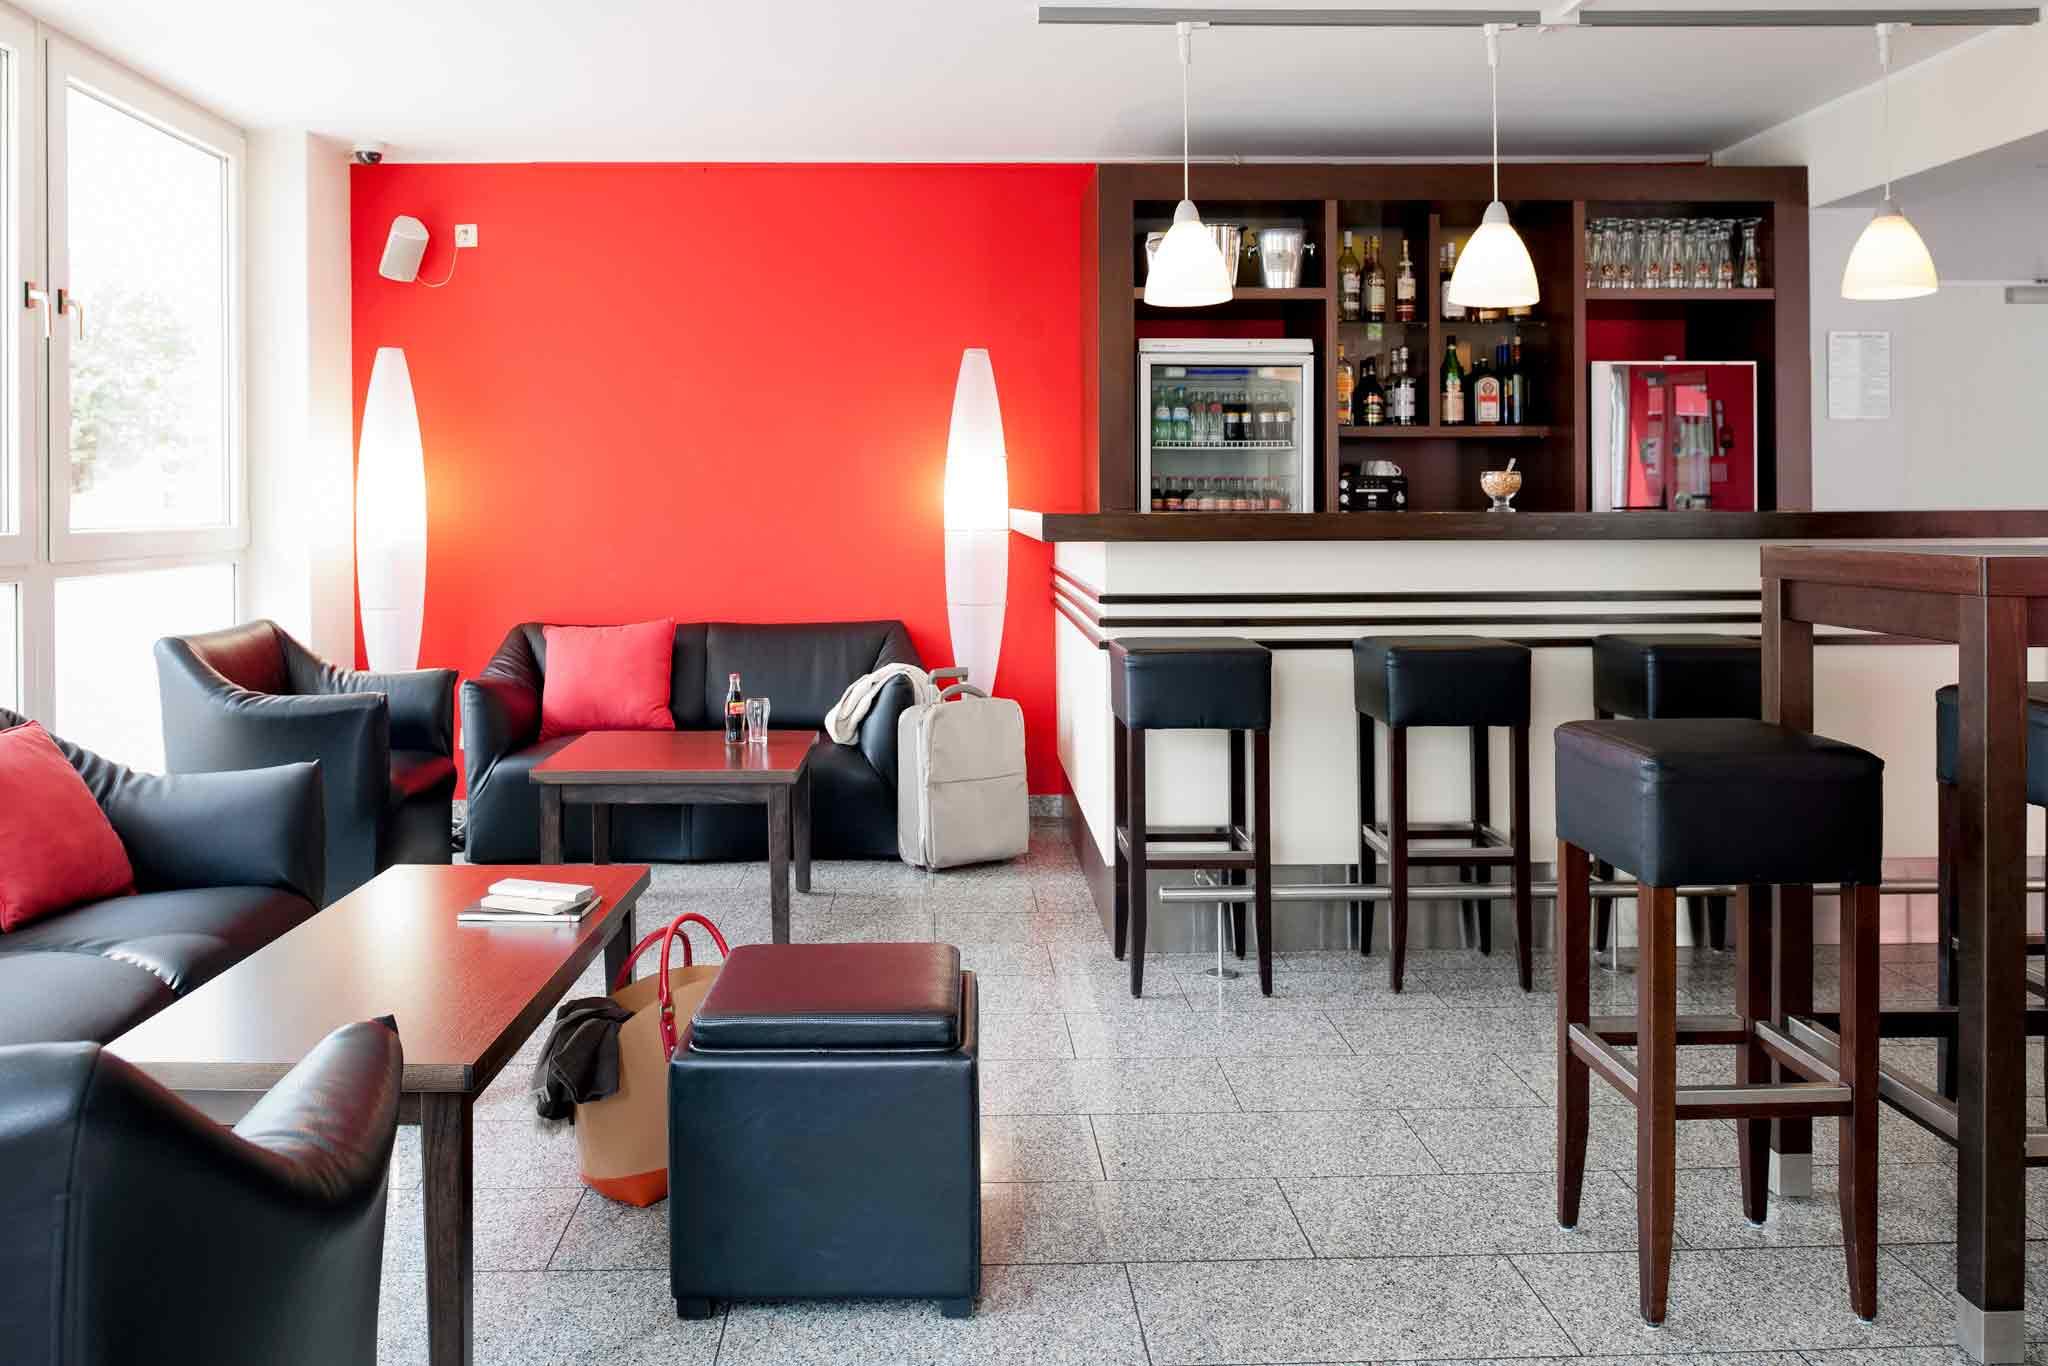 Ibis Hotel Köln Leverkusen Hall